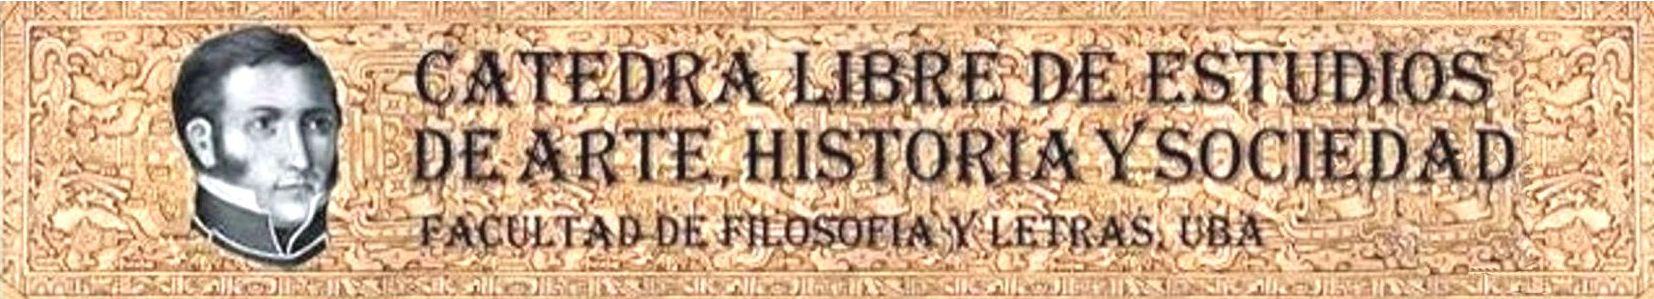 La imagen muestra el banner de la Cátedra Libre, con el nombre de la Cátedra y una imagen del rostro de Dorrego.